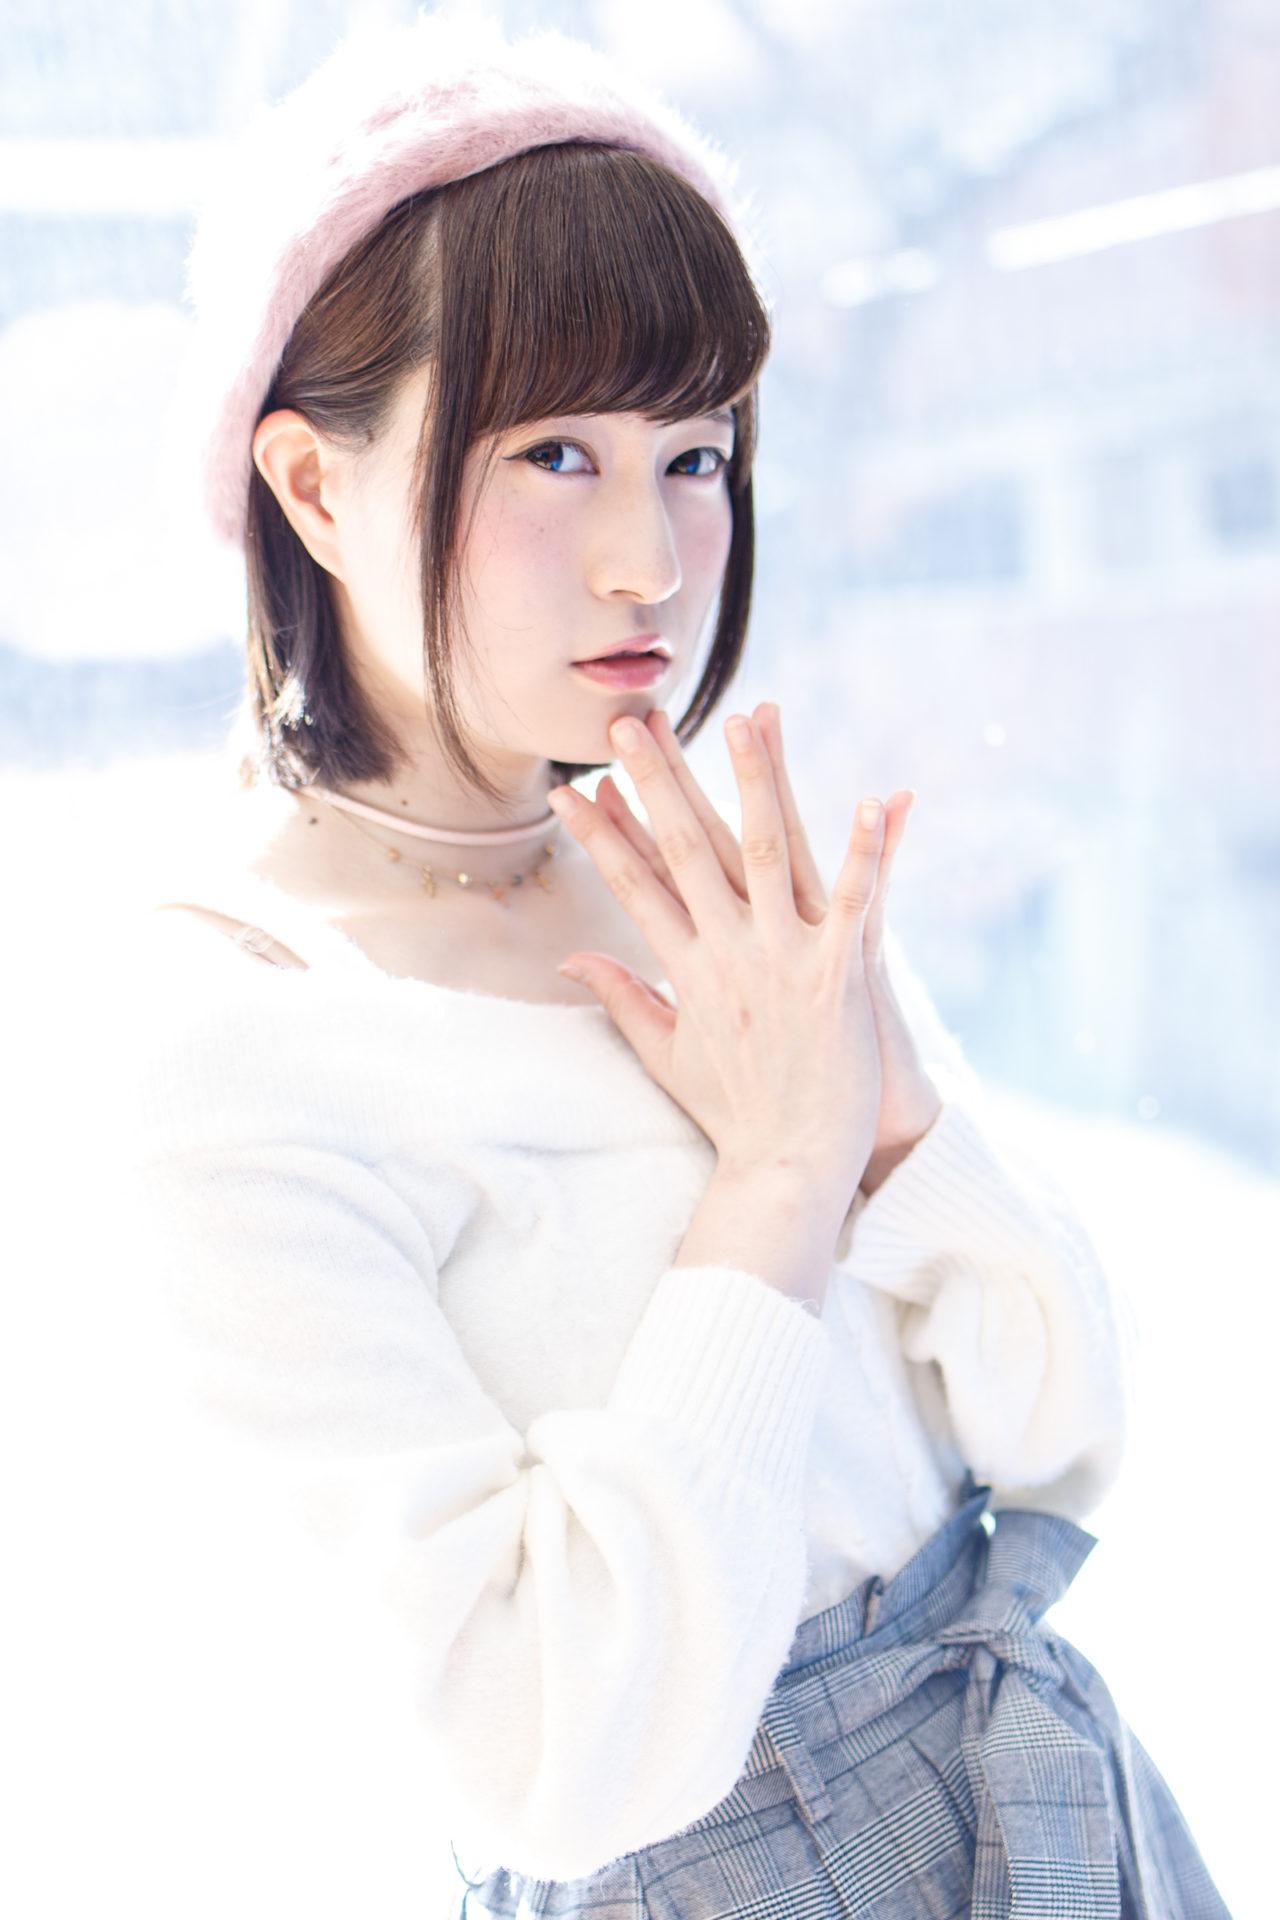 2代目HAPPY少女♪ あゆみ ( 新谷亜由美 ) | 撮影会 in 事務所撮影スタジオ